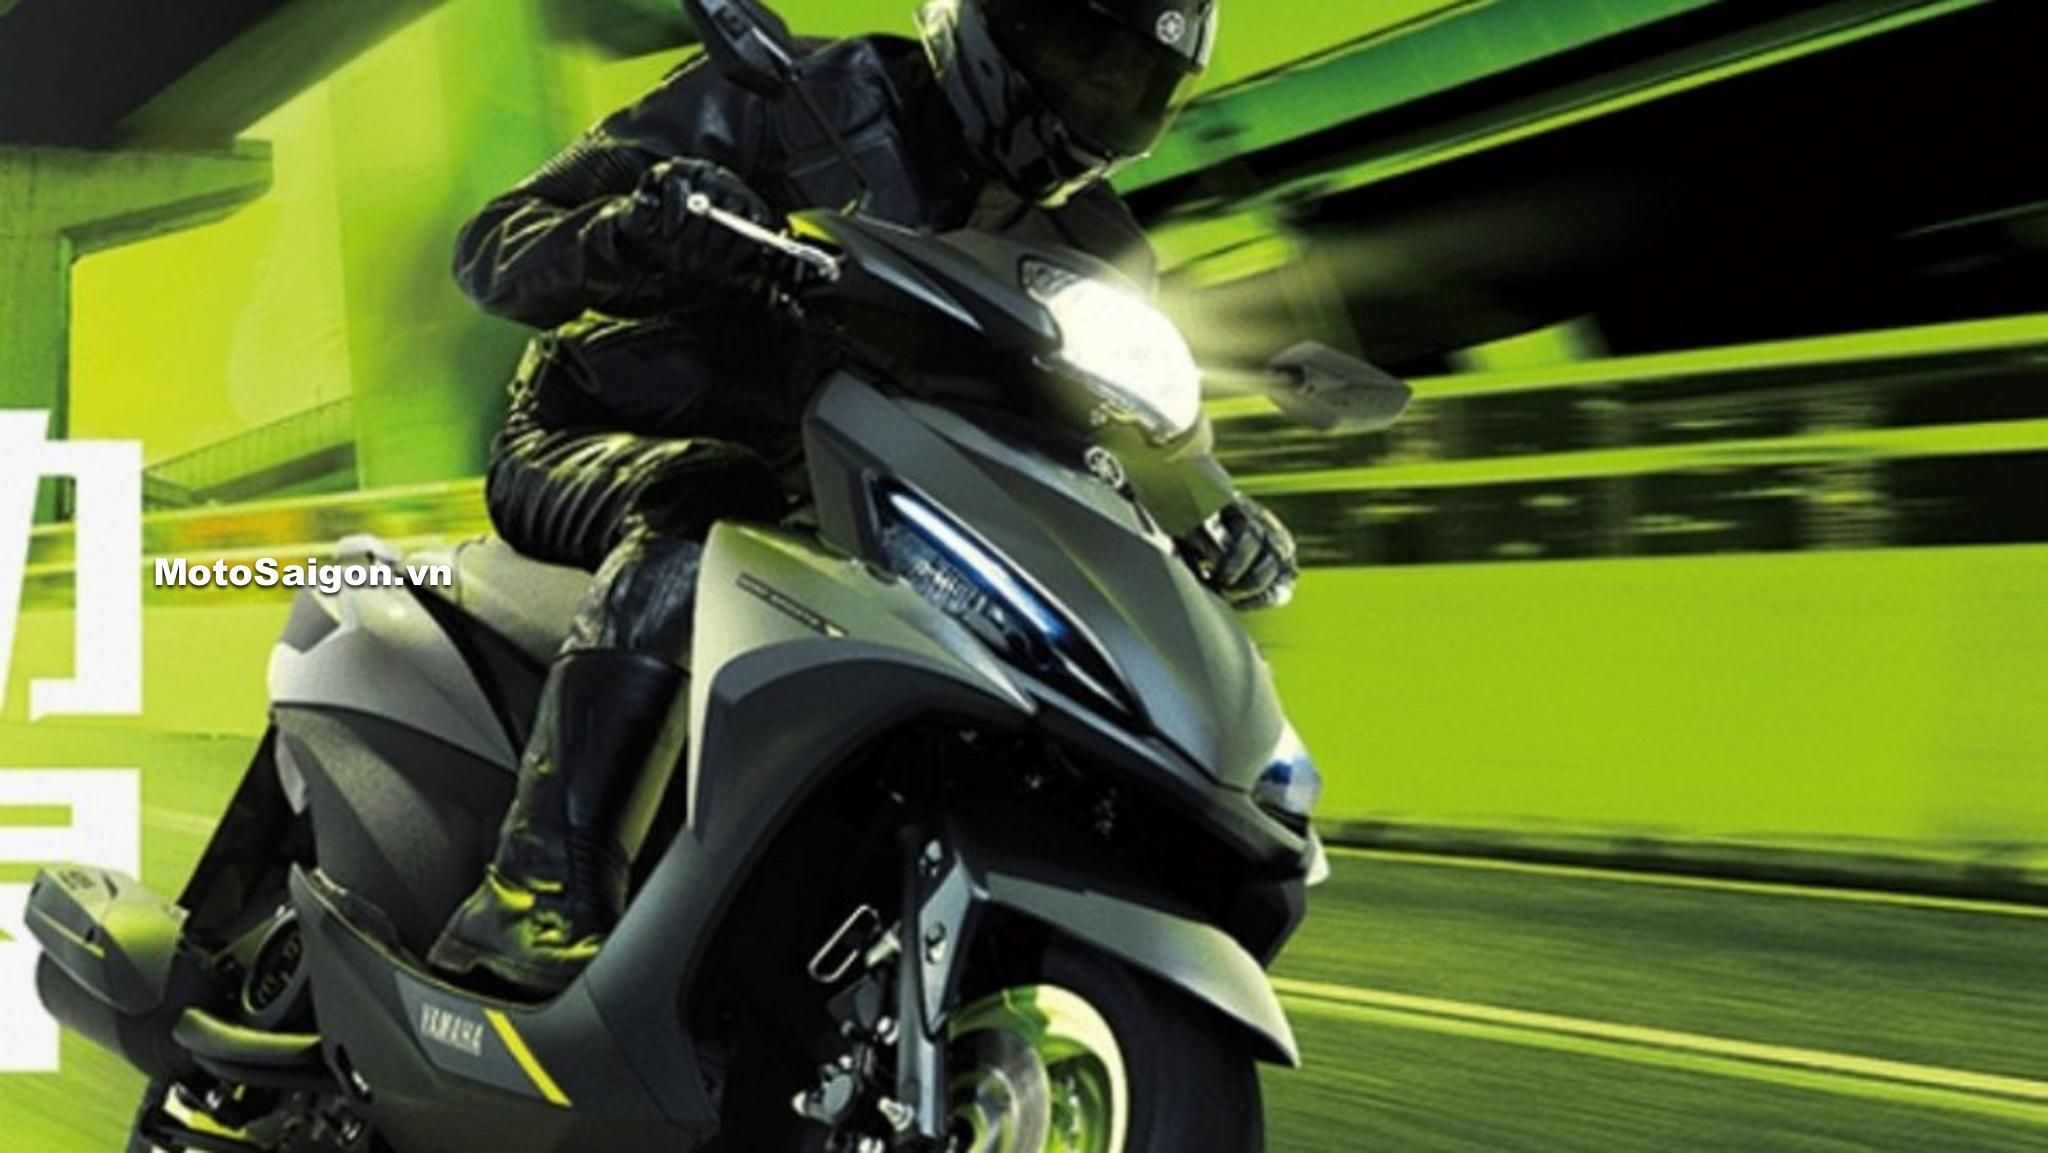 Yamaha Mio Gear và Mio Gravis thế hệ mới 2020 sắp có giá bán